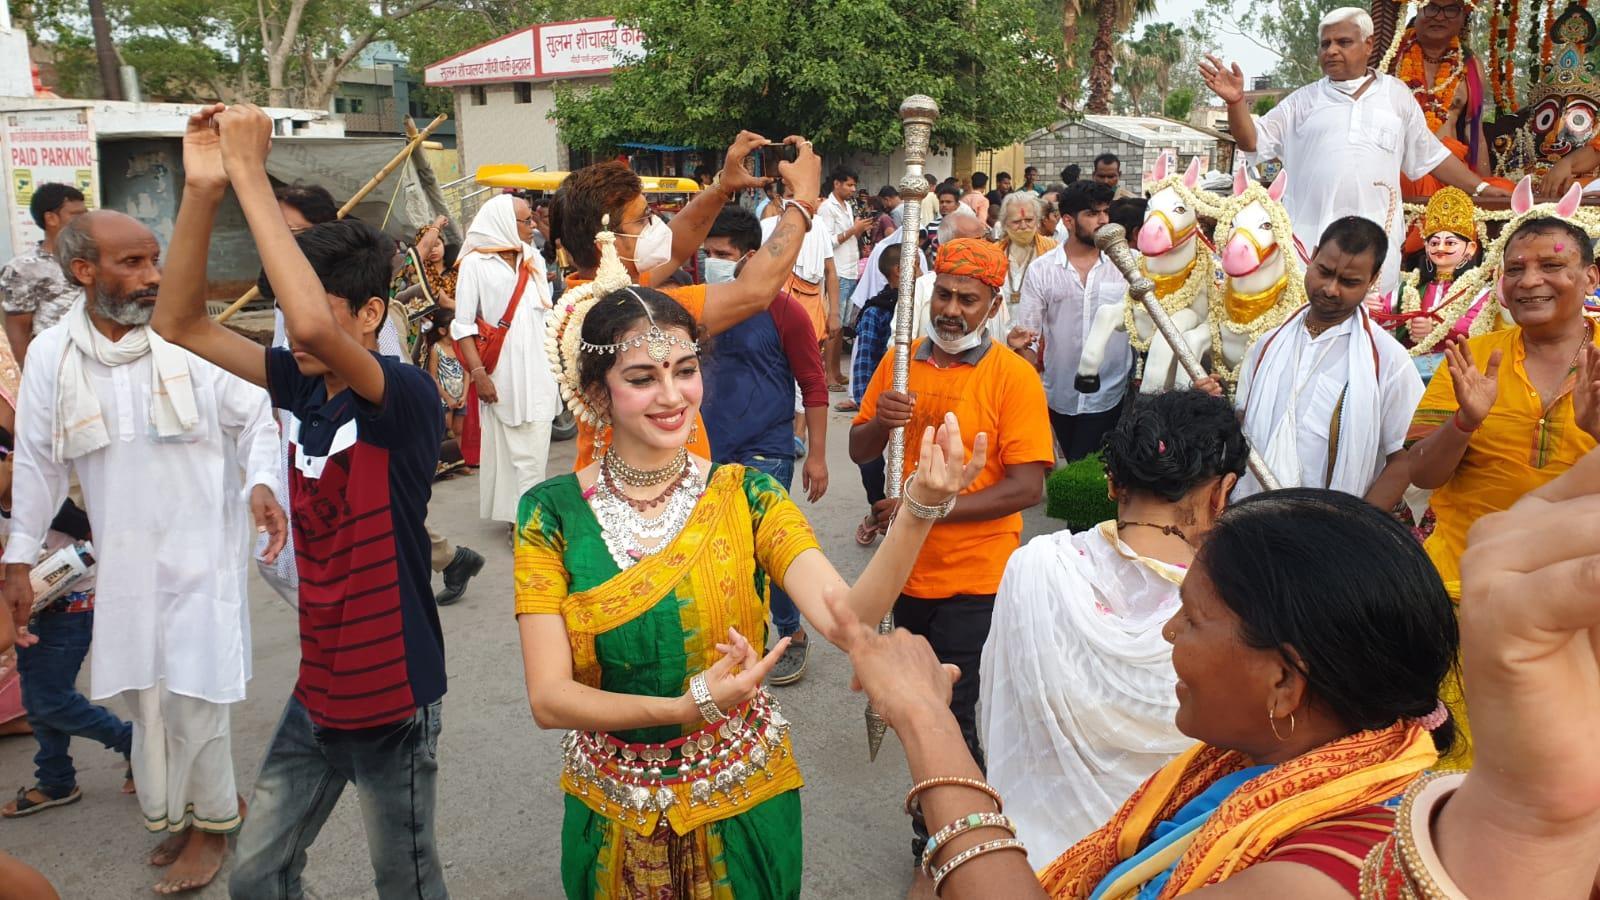 रथयात्रा में विदेशी भक्त भी भगवान की भक्ति में रंगे नजर आए।